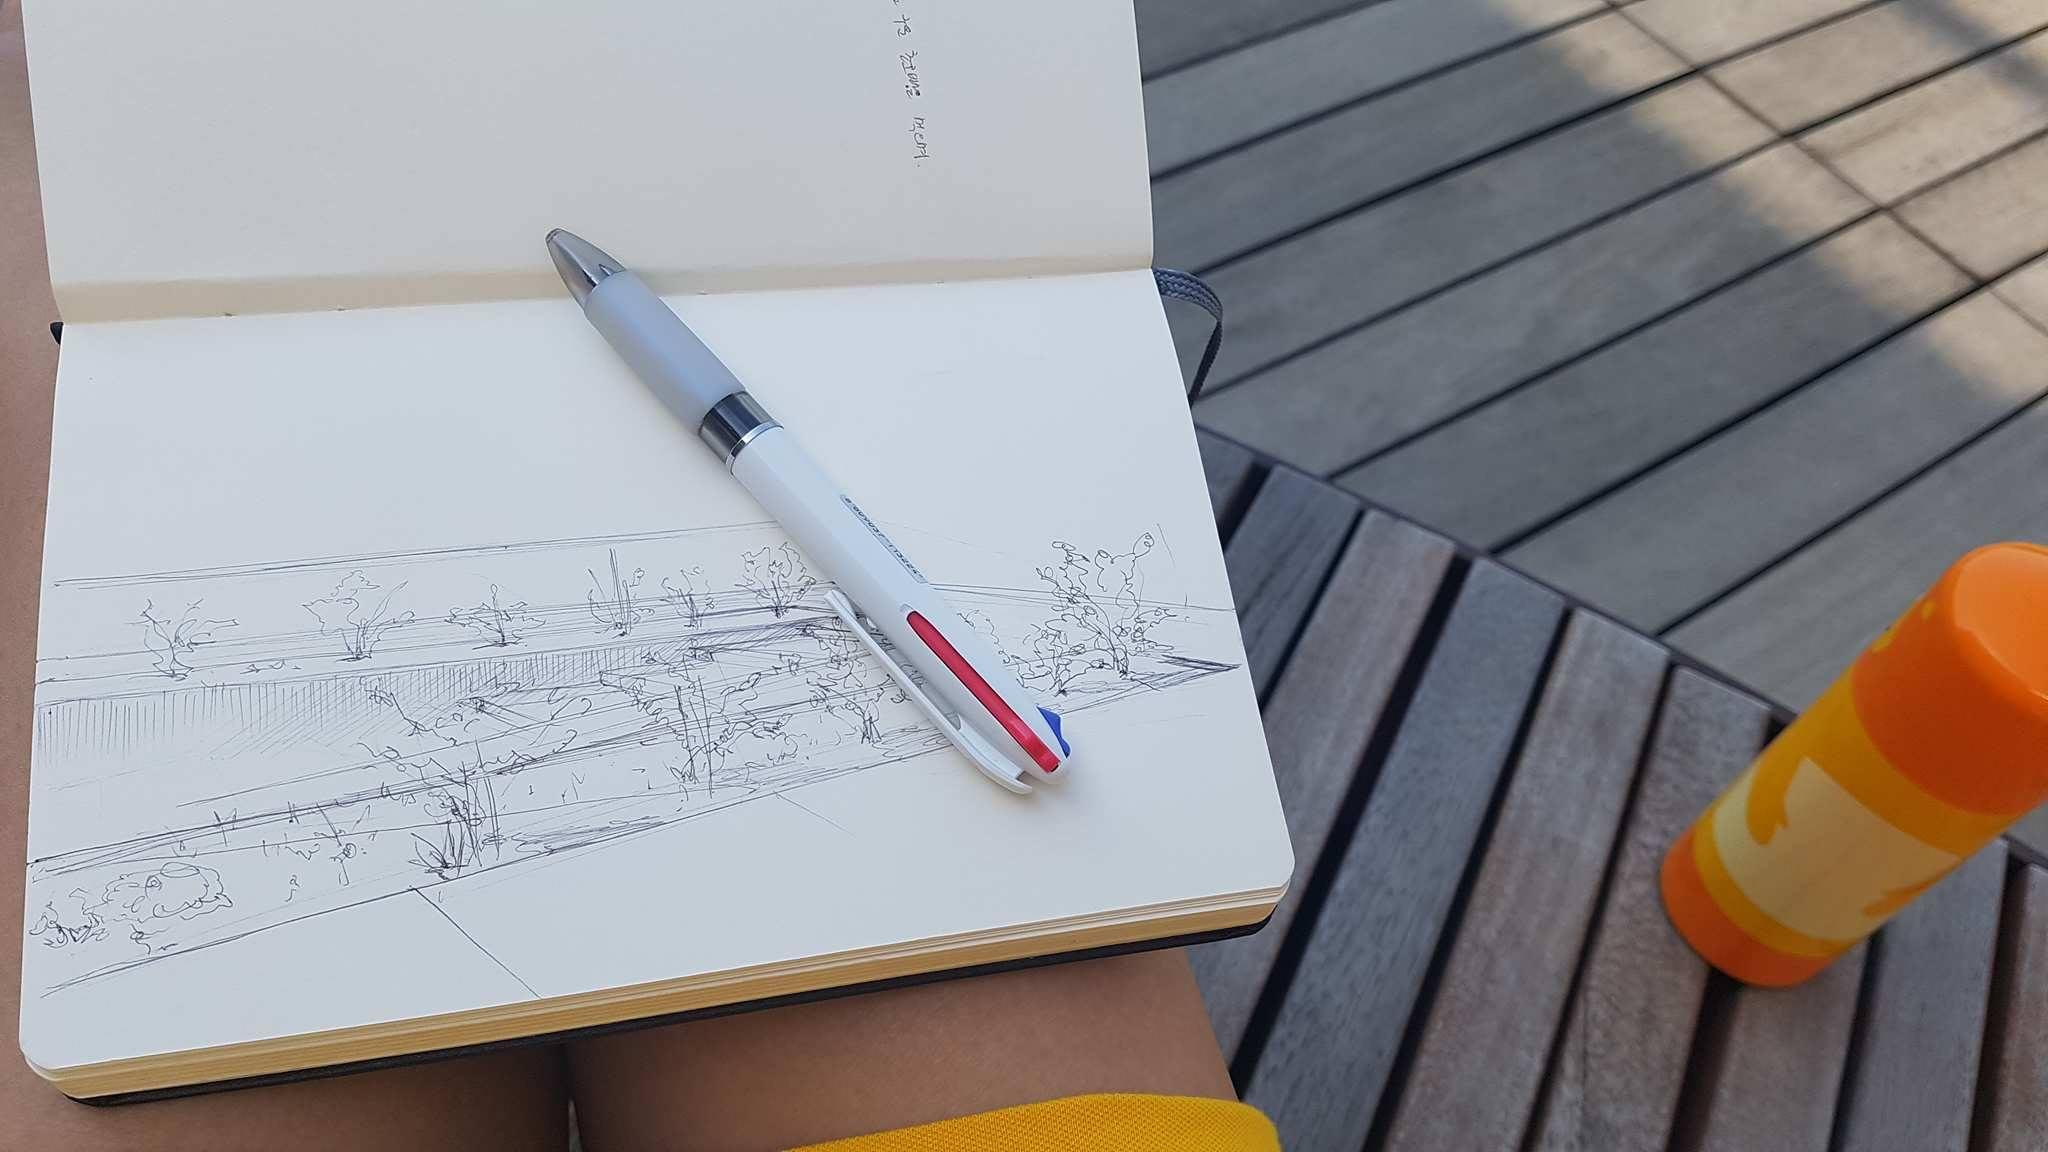 VIAJIYU_Lee_sketches